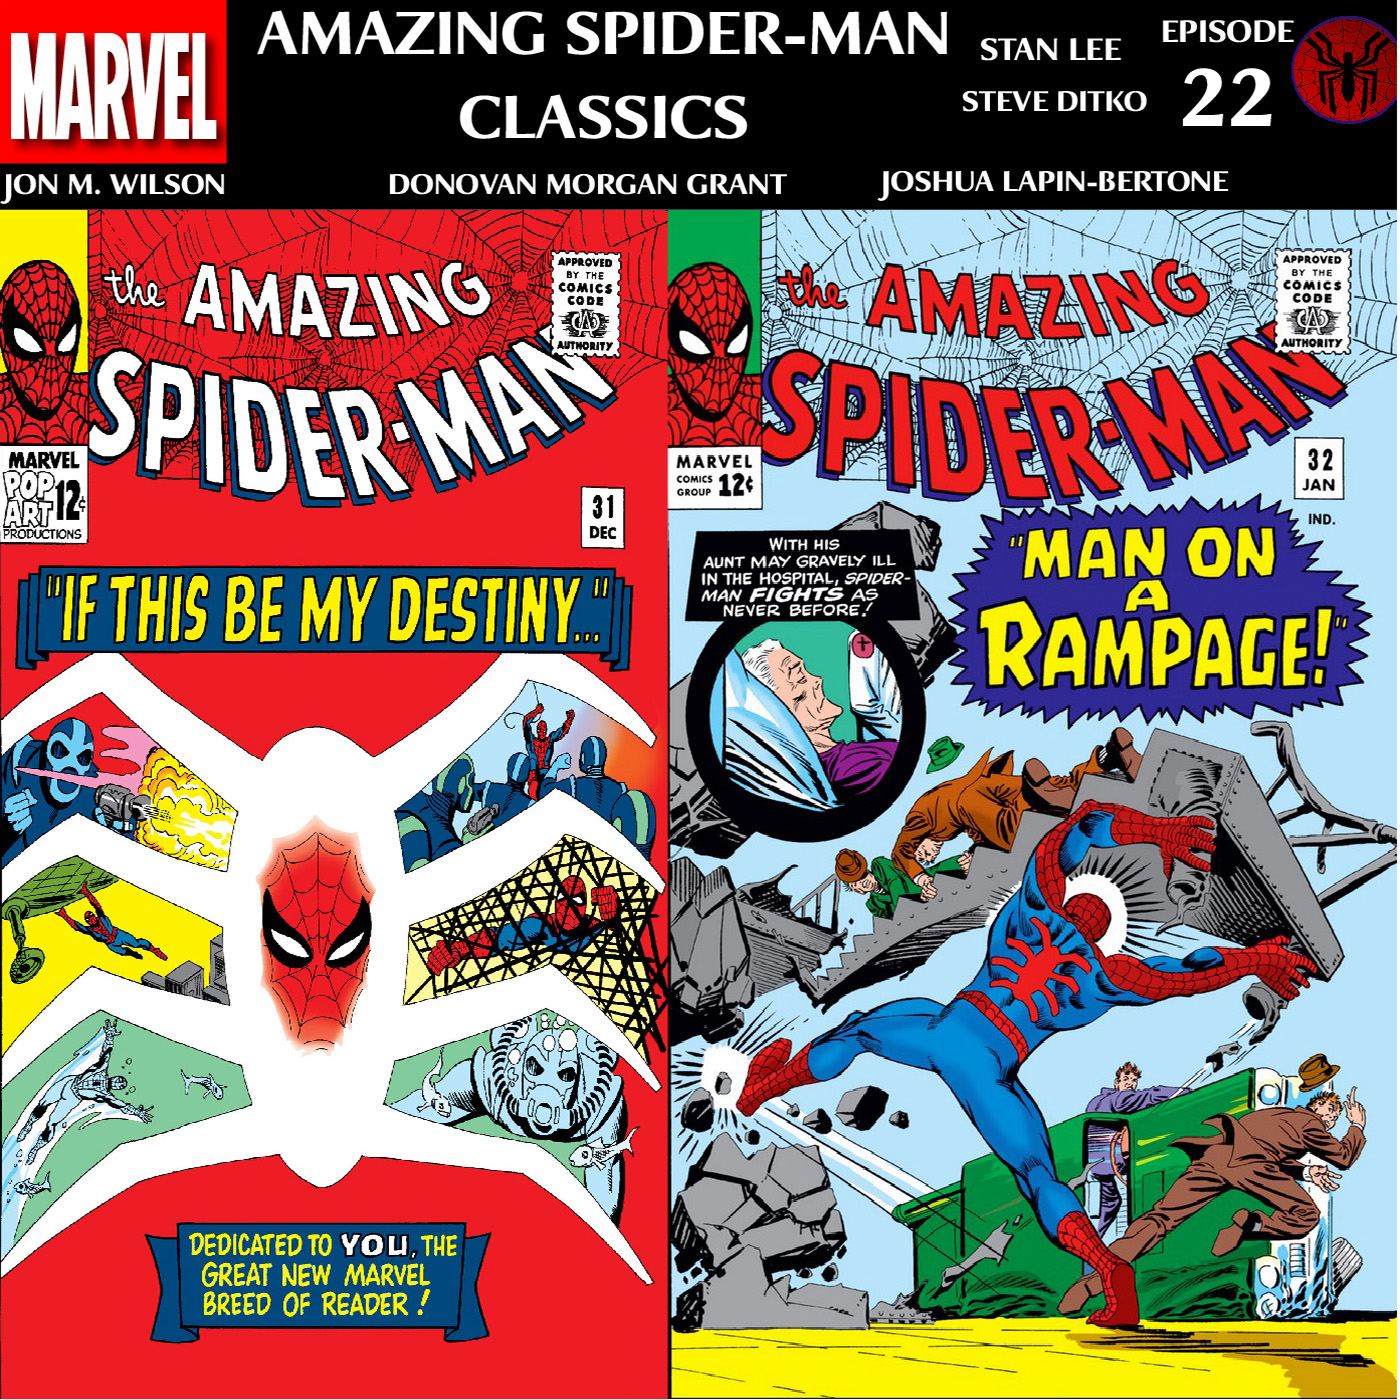 ASM Classics Episode 22: Amazing Spider-Man 31 and 32